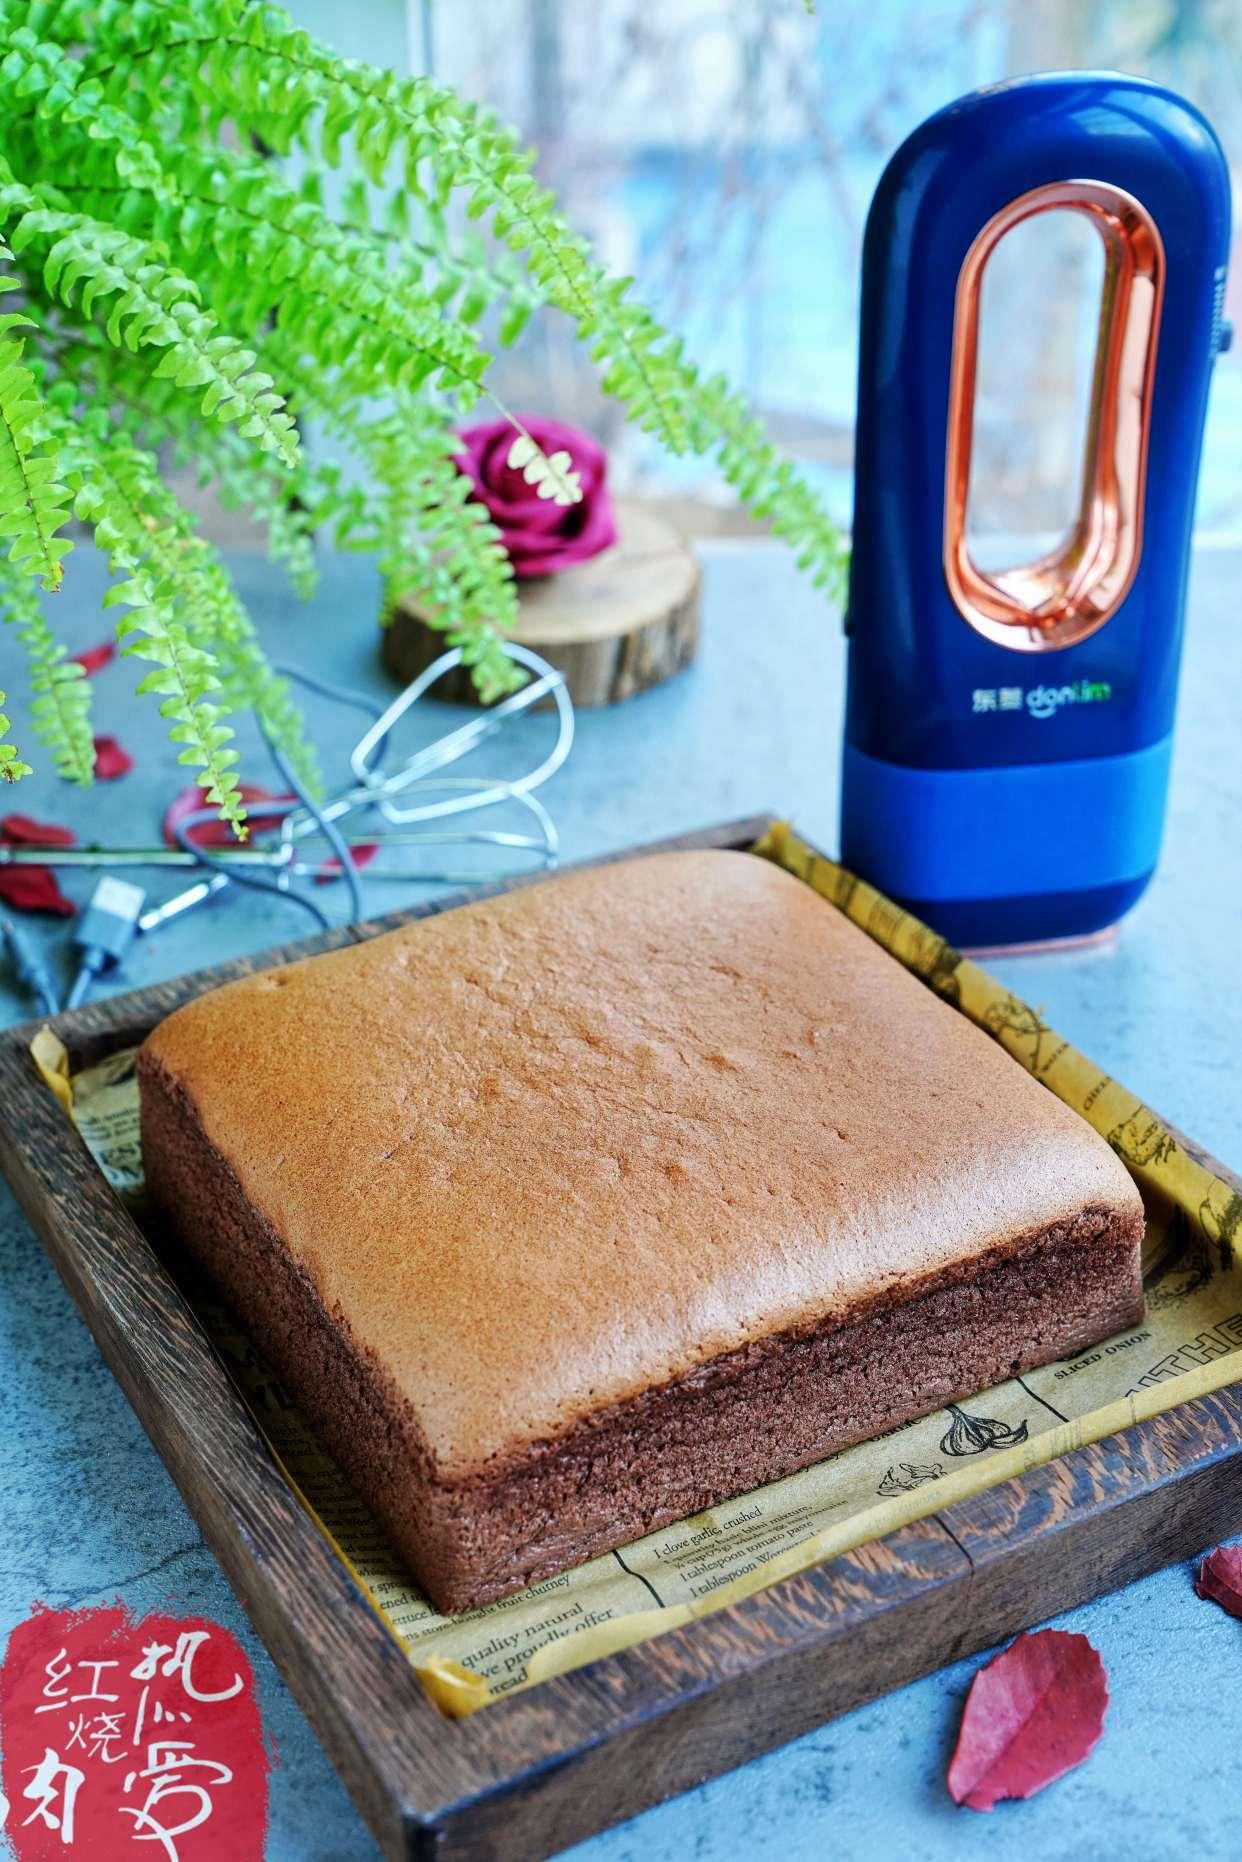 原文这个蛋糕做好了可以摇一摇,口感细腻柔软,冷藏后更好吃。这些材料简单易做